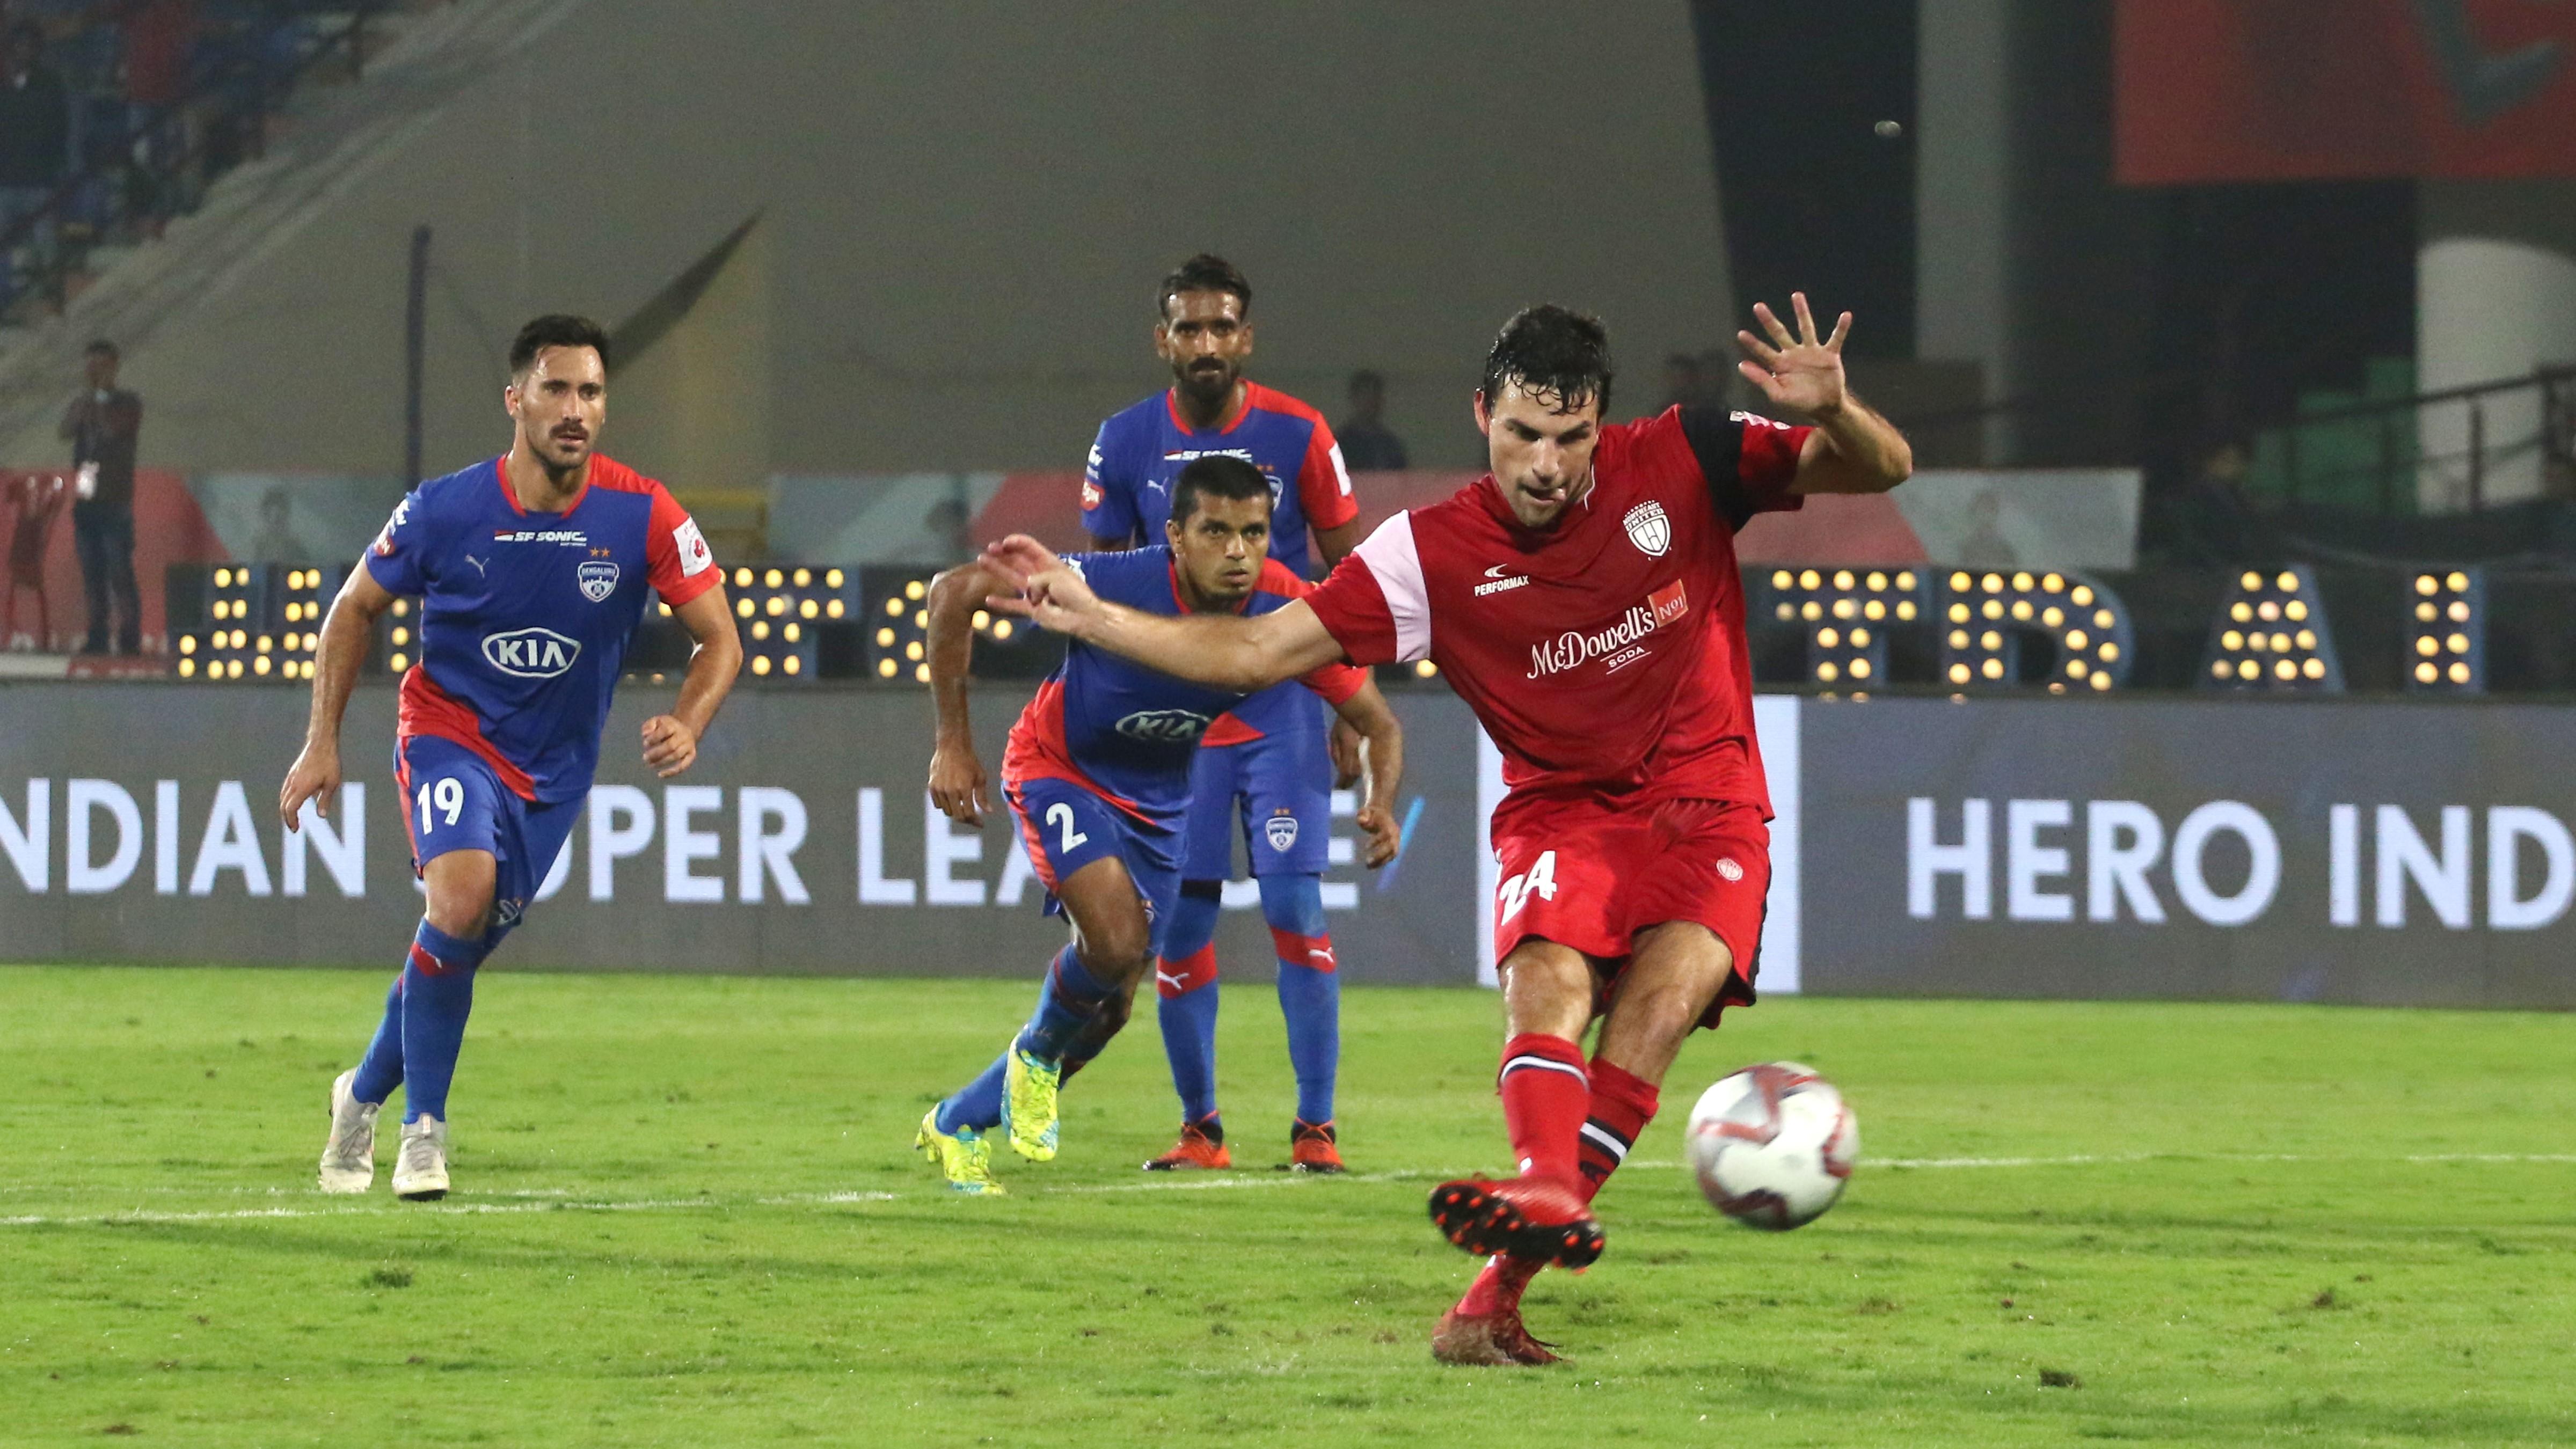 Juan Mascia NorthEast United Bengaluru FC